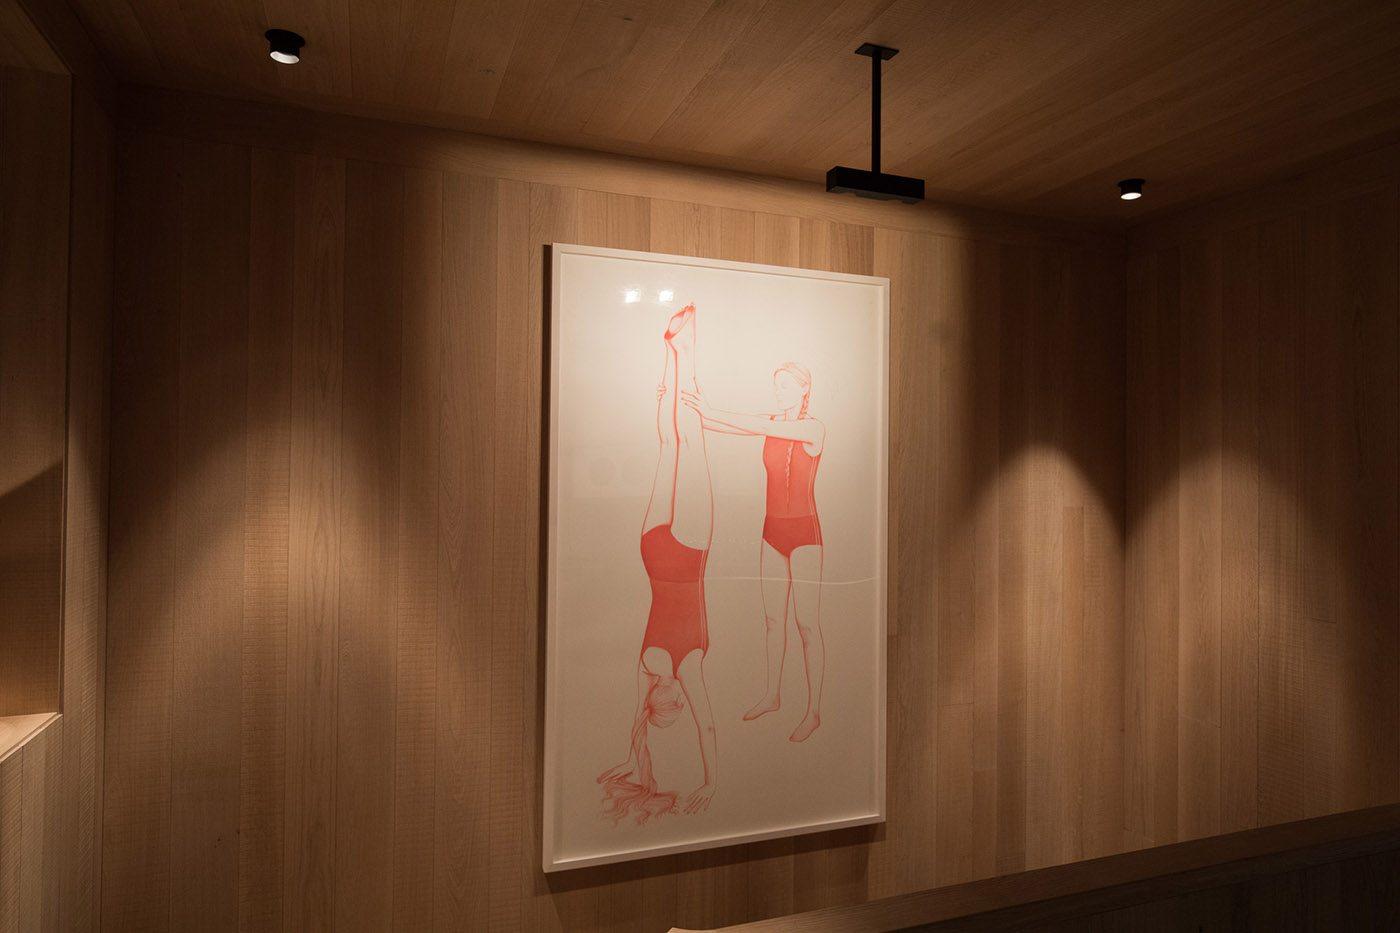 Almhof Schneider art